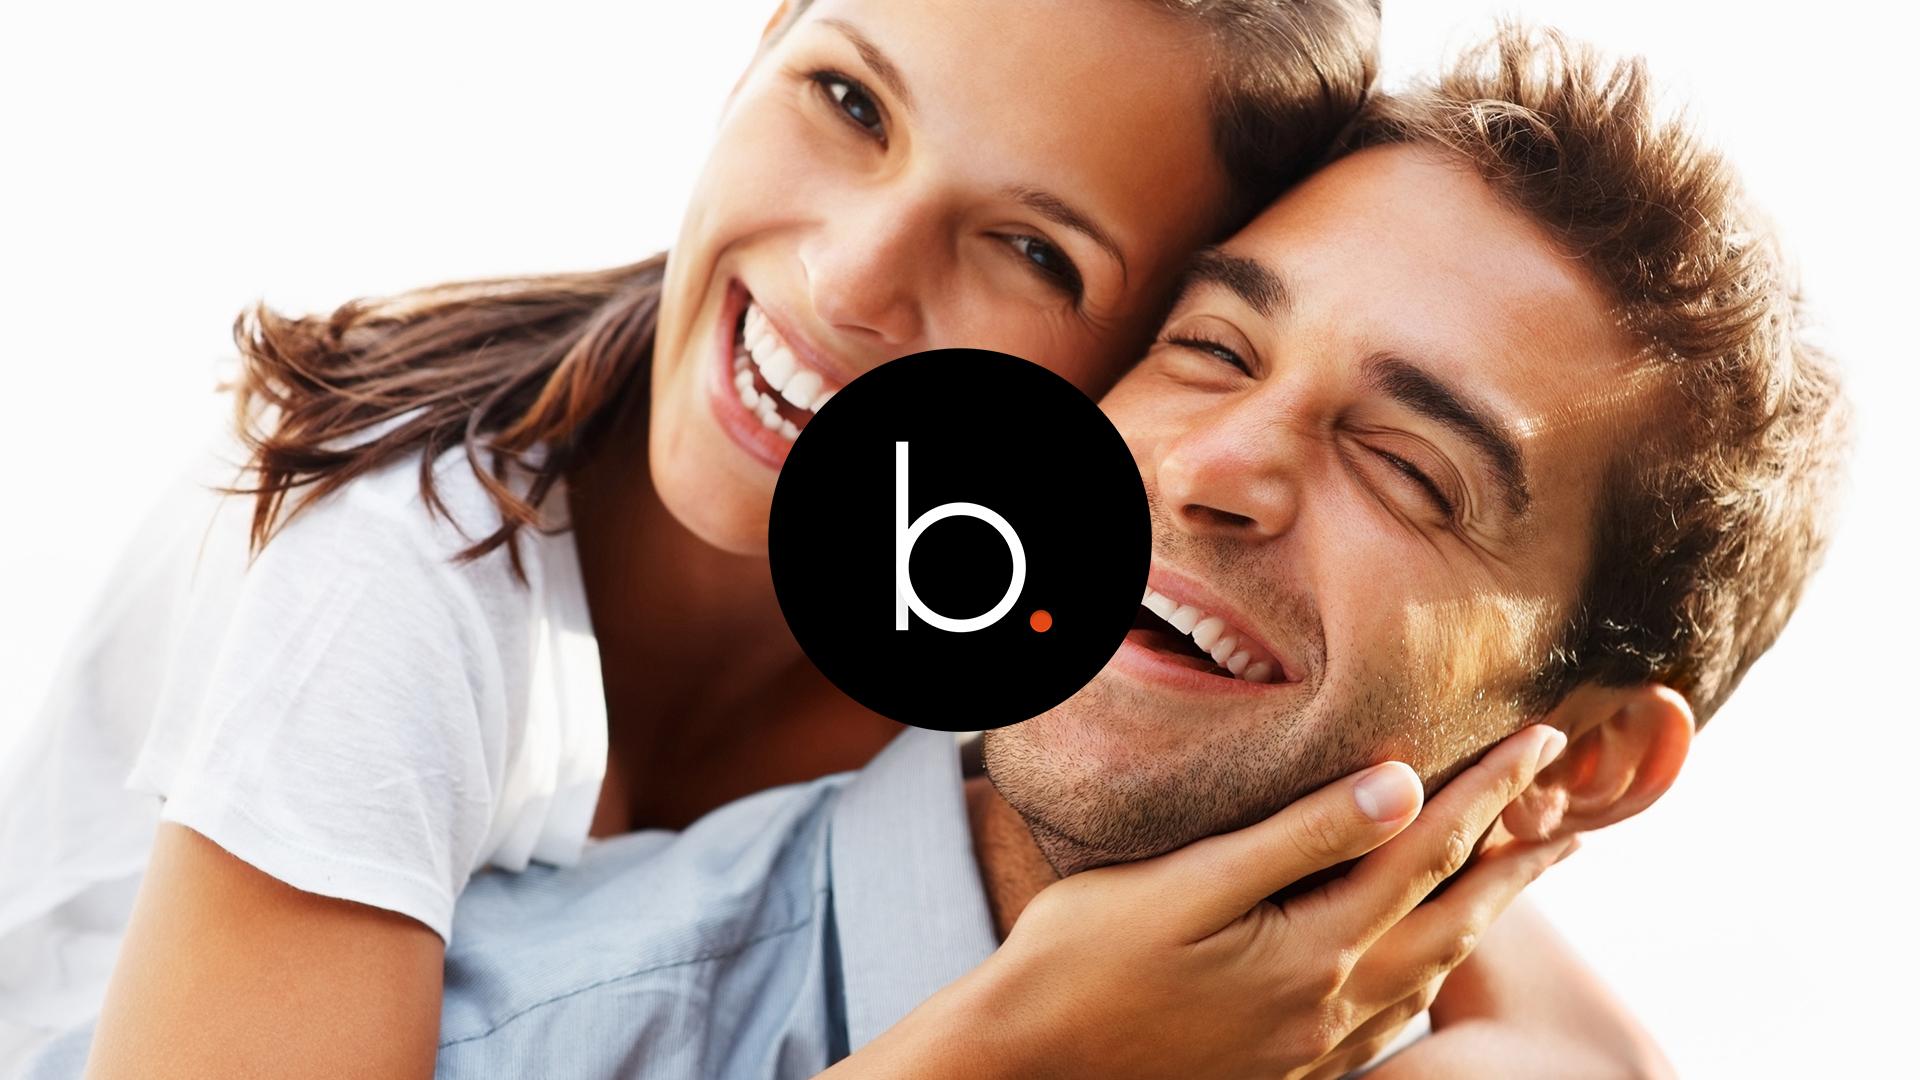 Cheirar o pum do parceiro prolonga a vida e evita muitas doenças; confira!